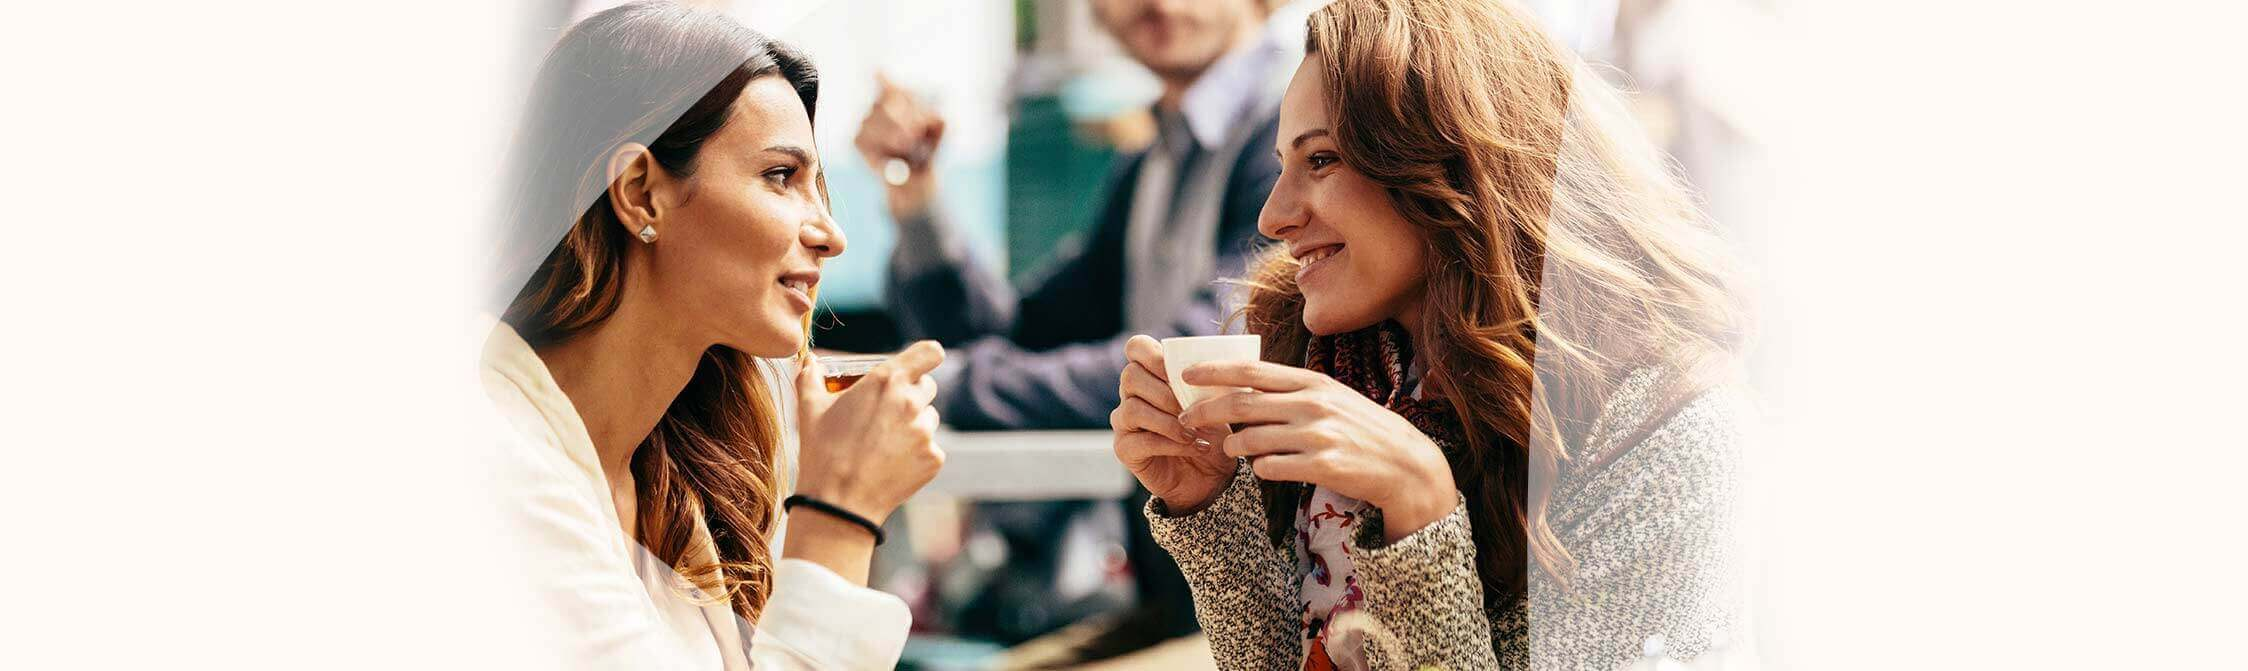 Deux amies en pleine conversation dans un café